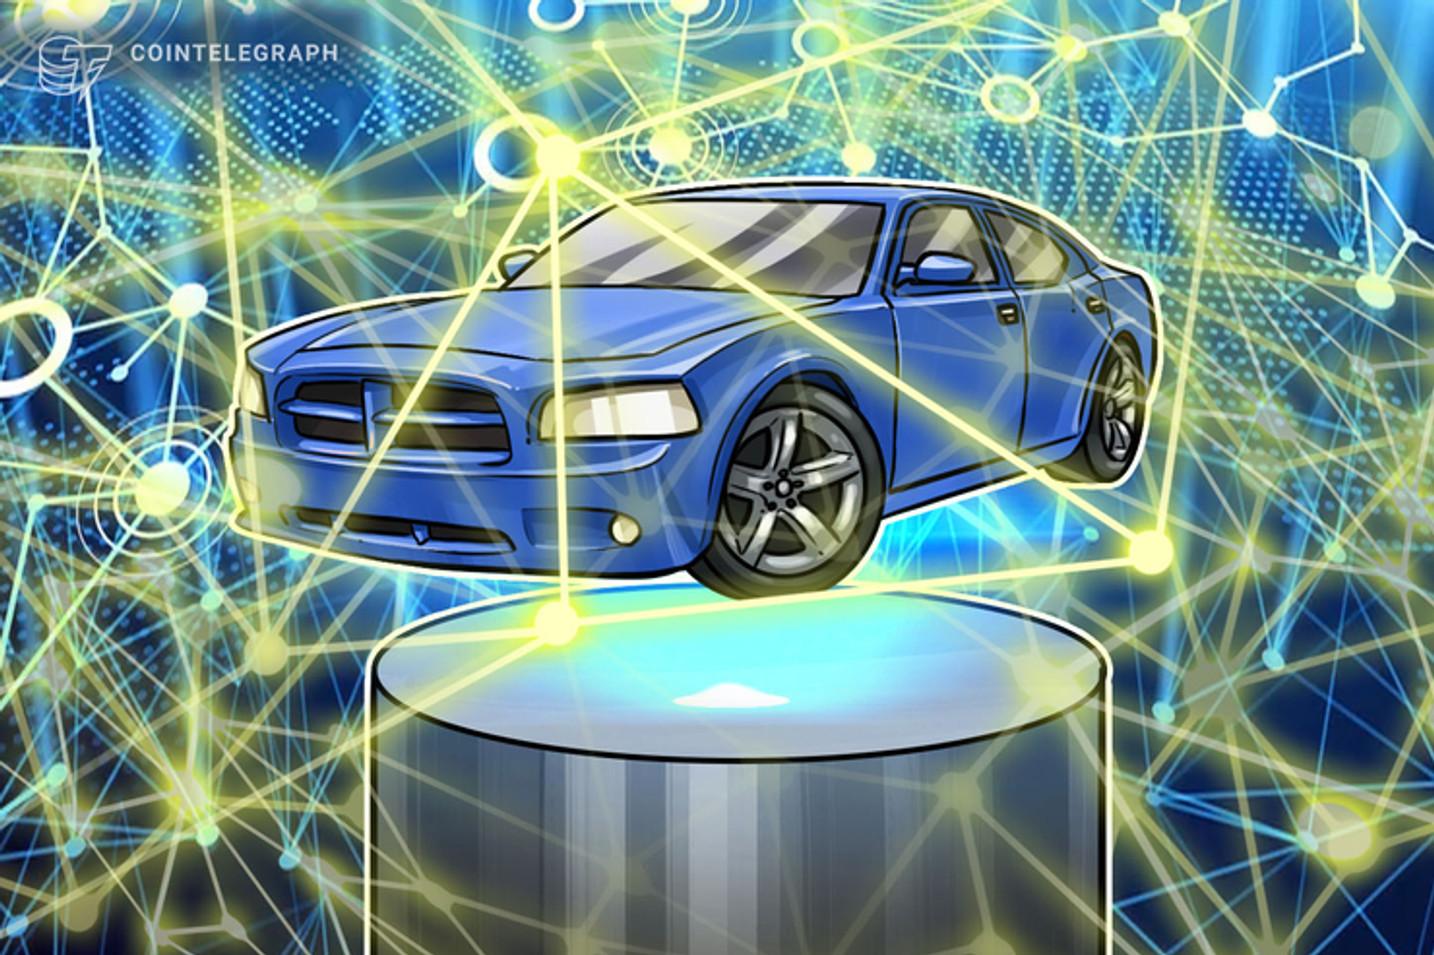 Transfero e startup brasileira vão tokenizar Nissan GT-R Skyline, que ficou famoso no filme Velozes e Furiosos